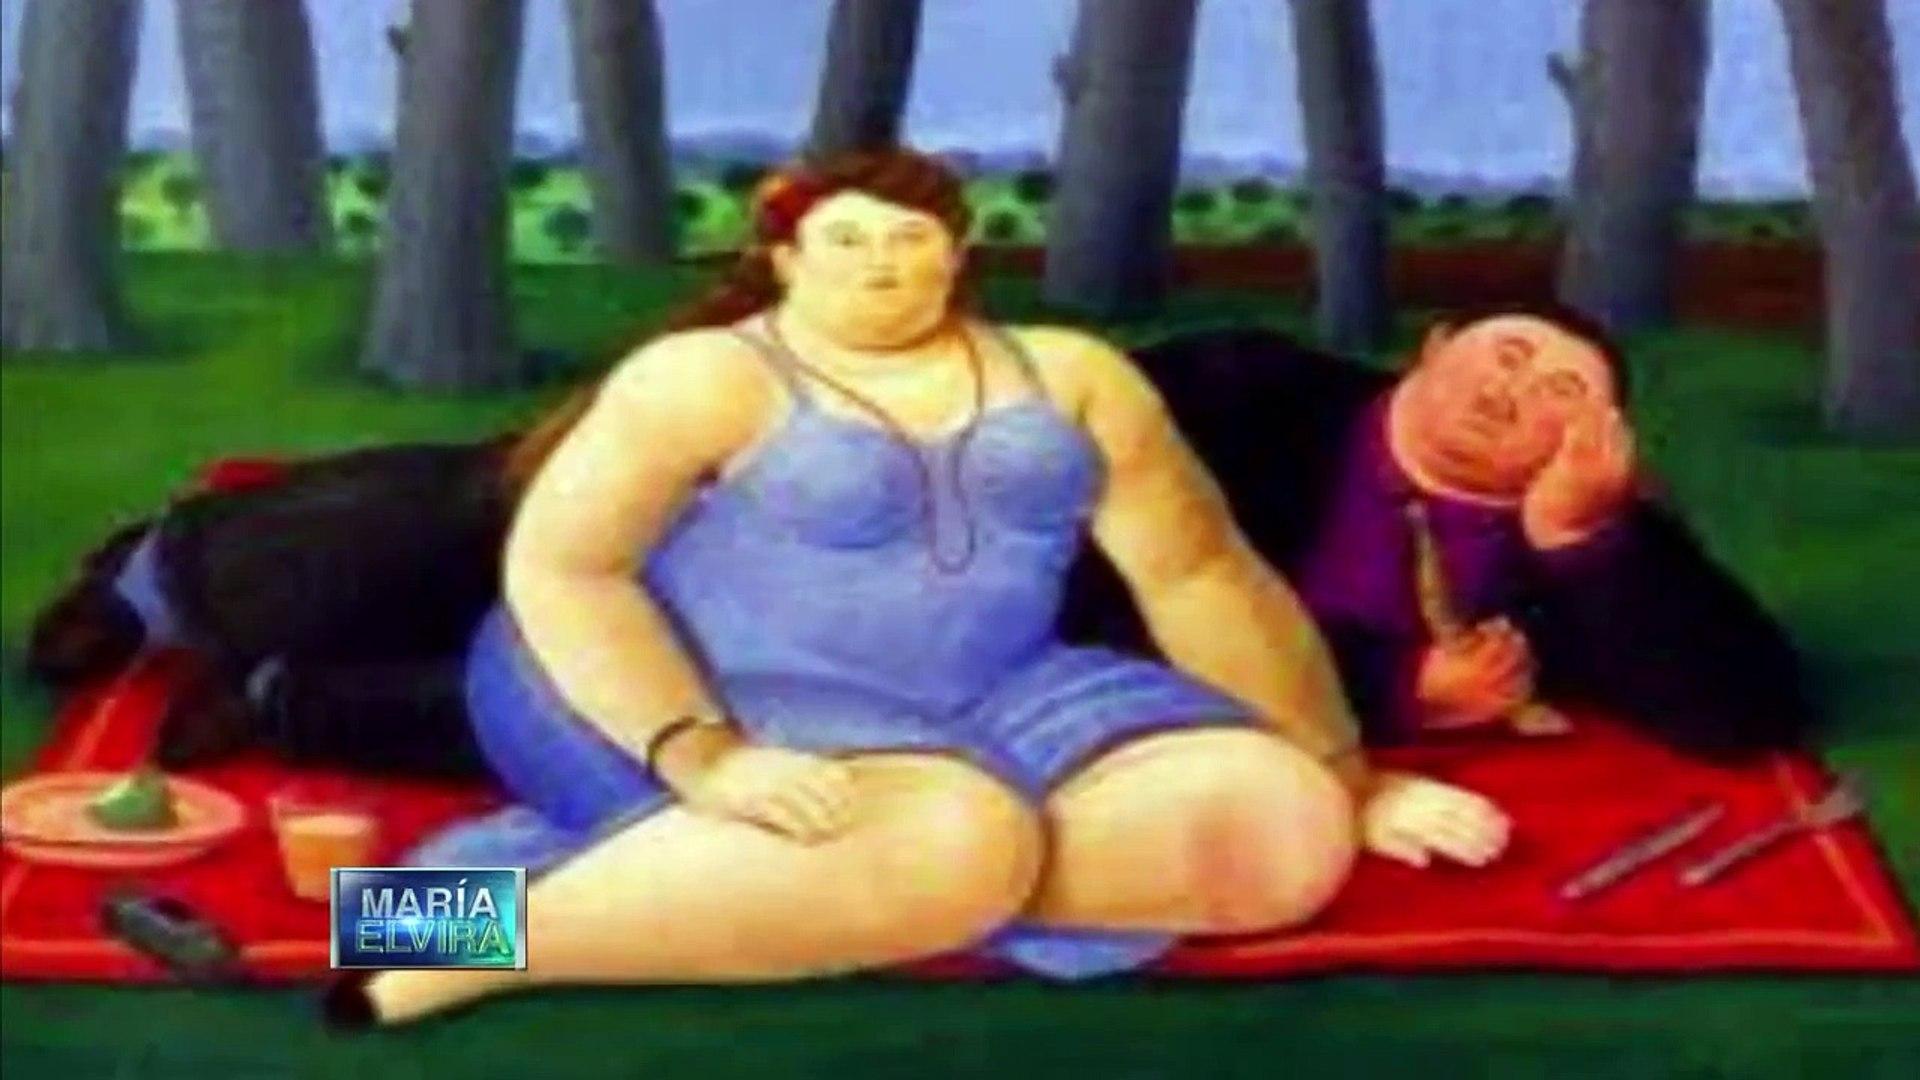 Exclusiva entrevista con el hijo del maestro Fernando Botero, 26 de diciembre, 2013